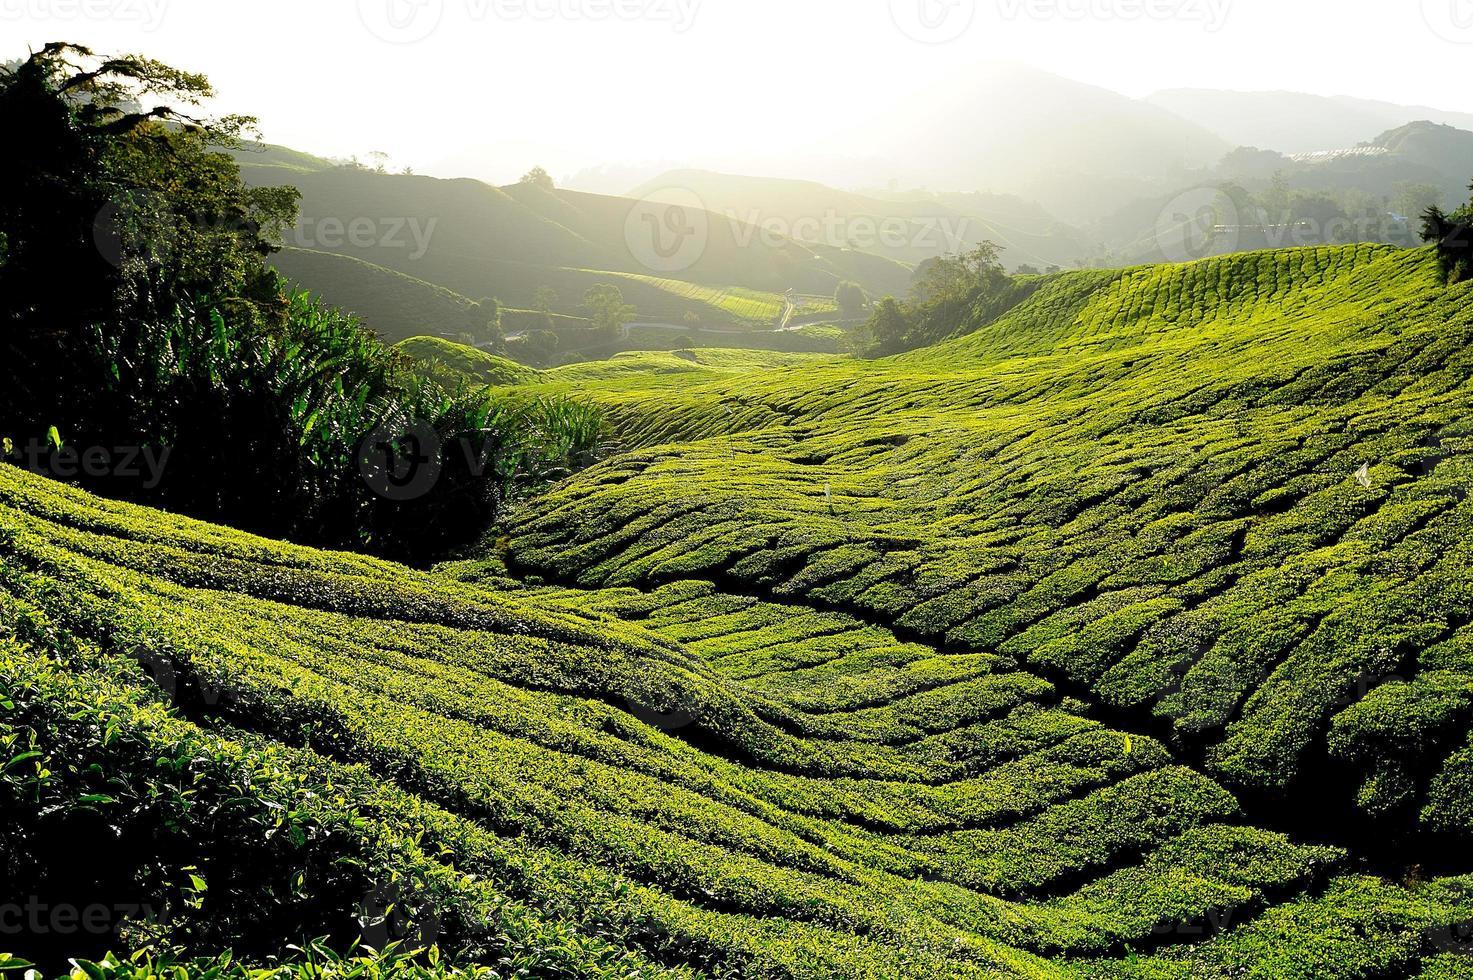 teplantagefält vid soluppgången foto